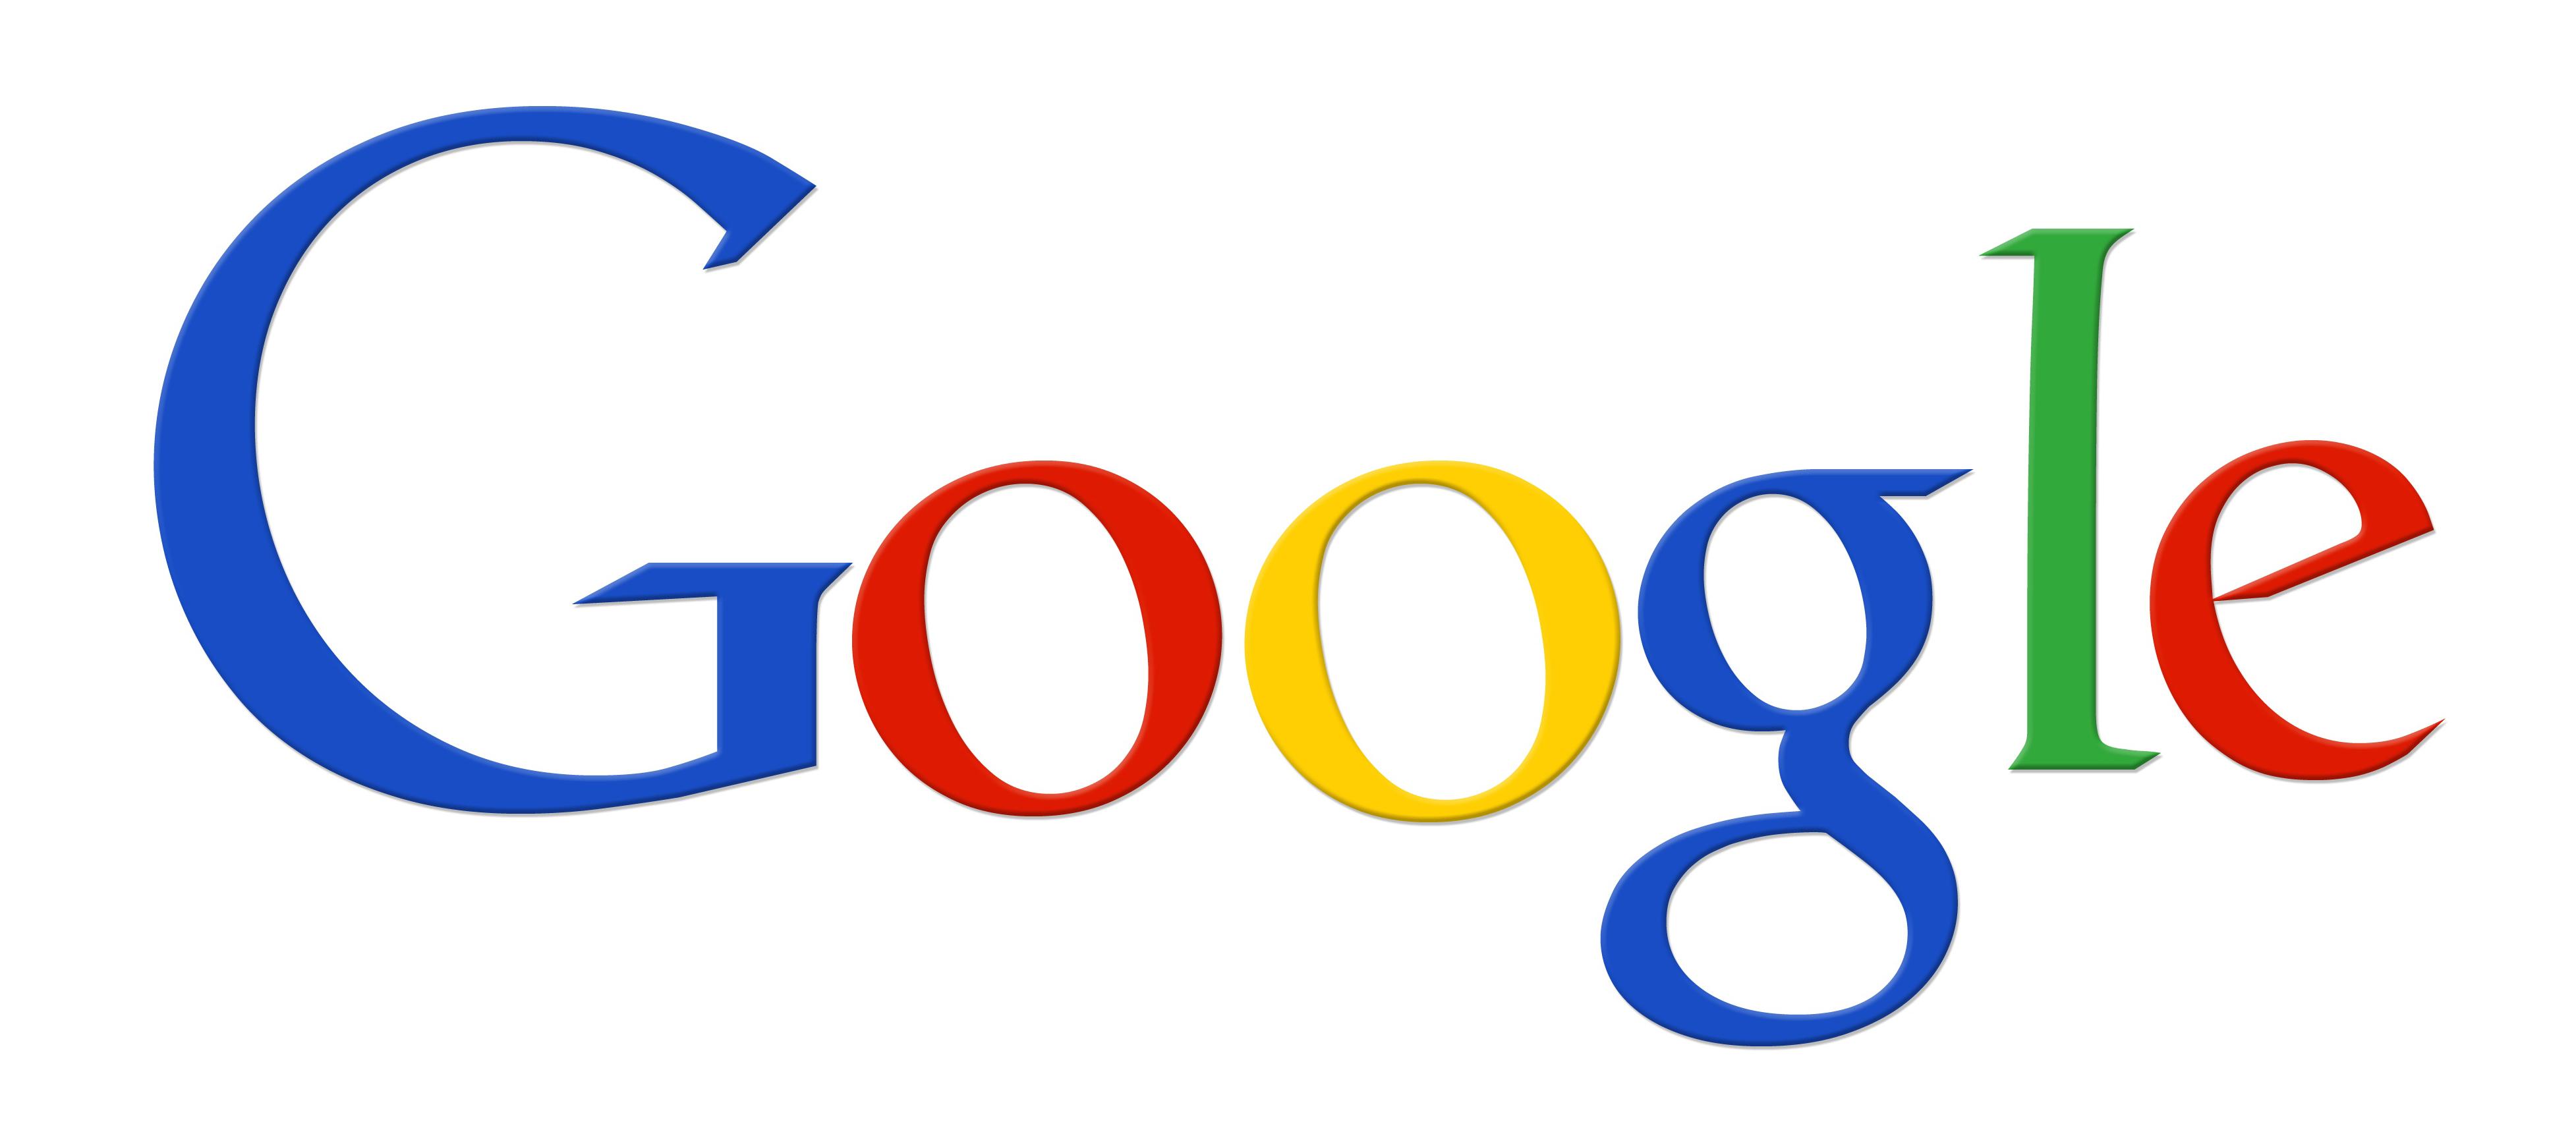 Co Češi nejvíce vyhledávali na Googlu v roce 2018?